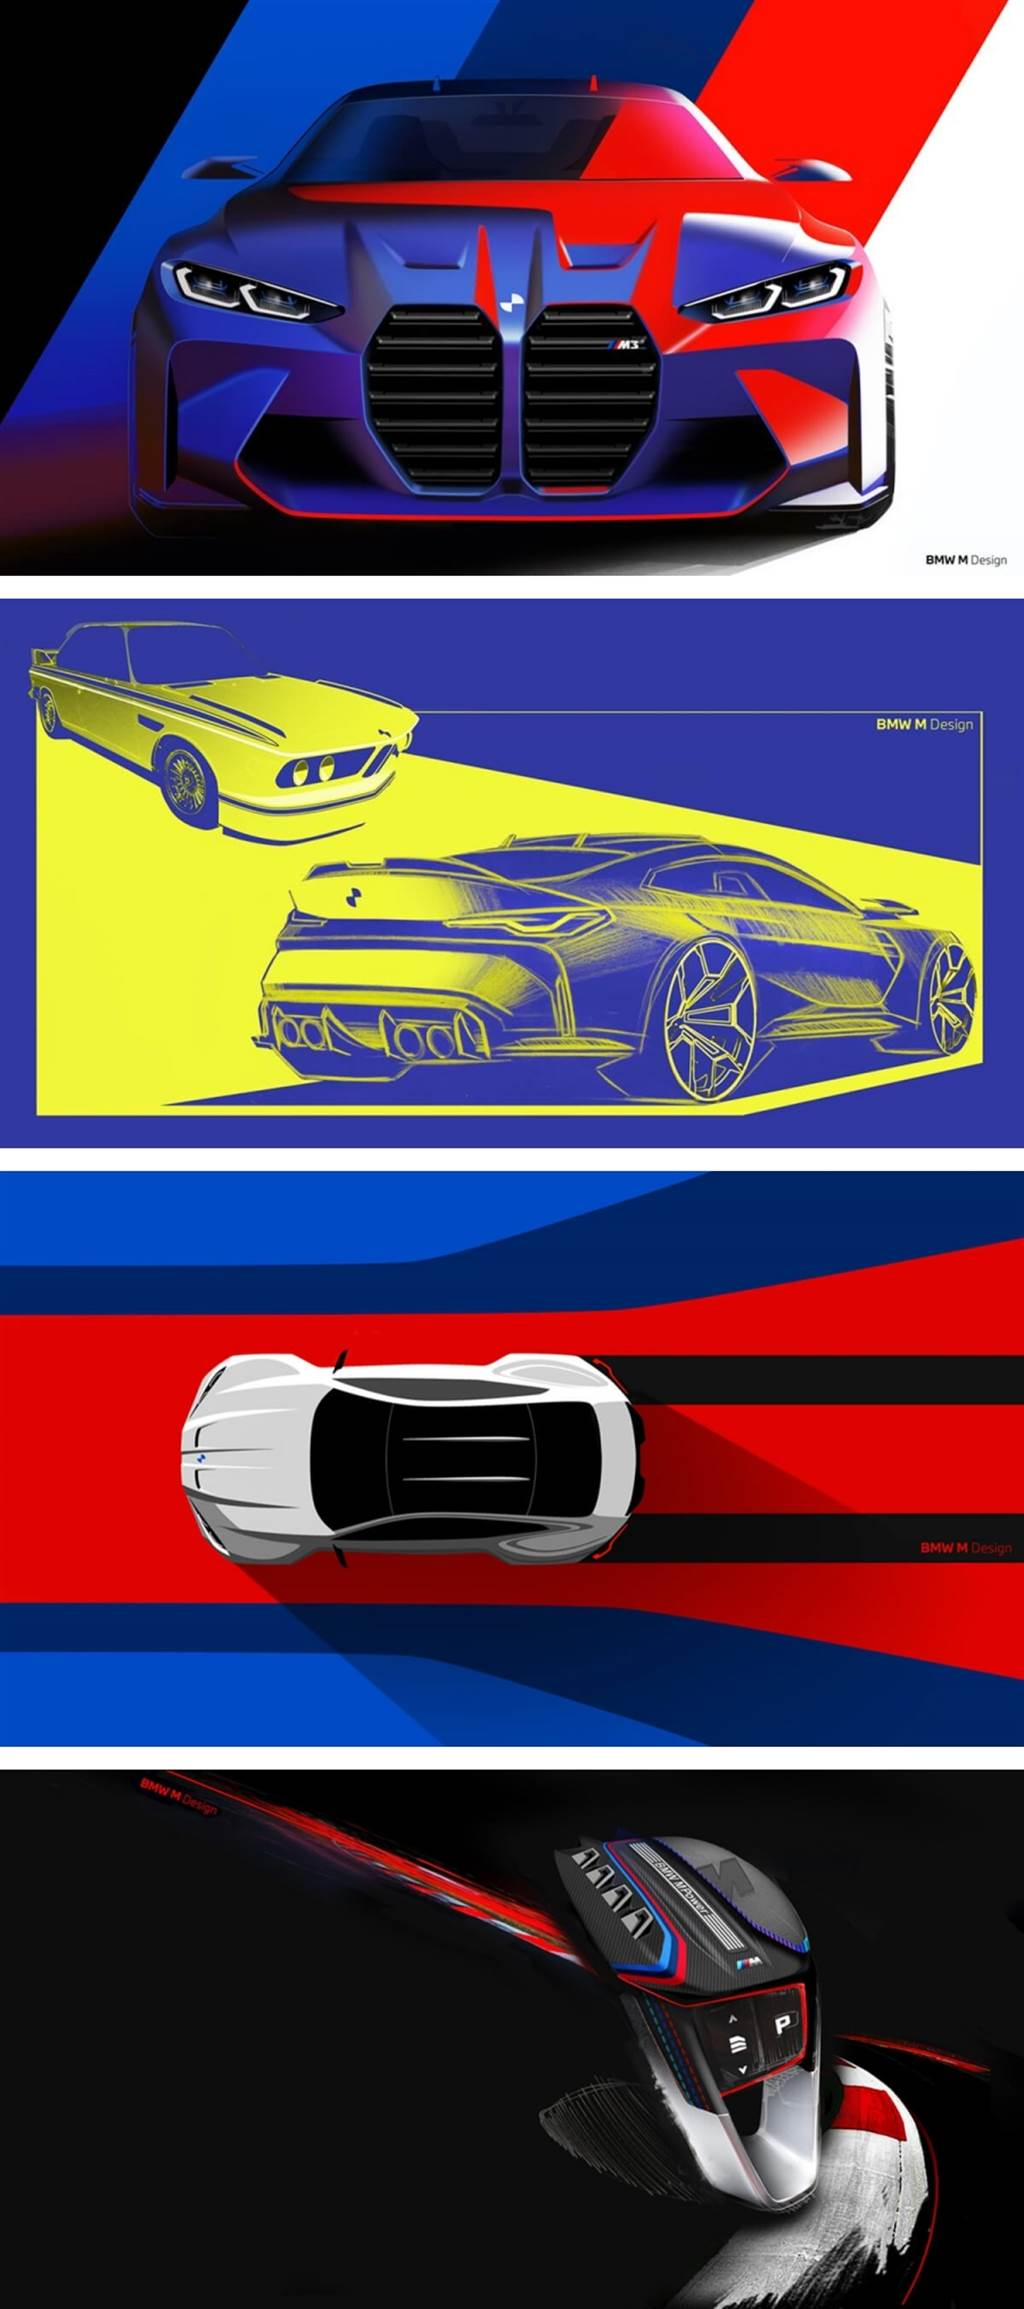 戰鬥四驅強力放送!BMW新世代G80 M3 / G82 M4亮相